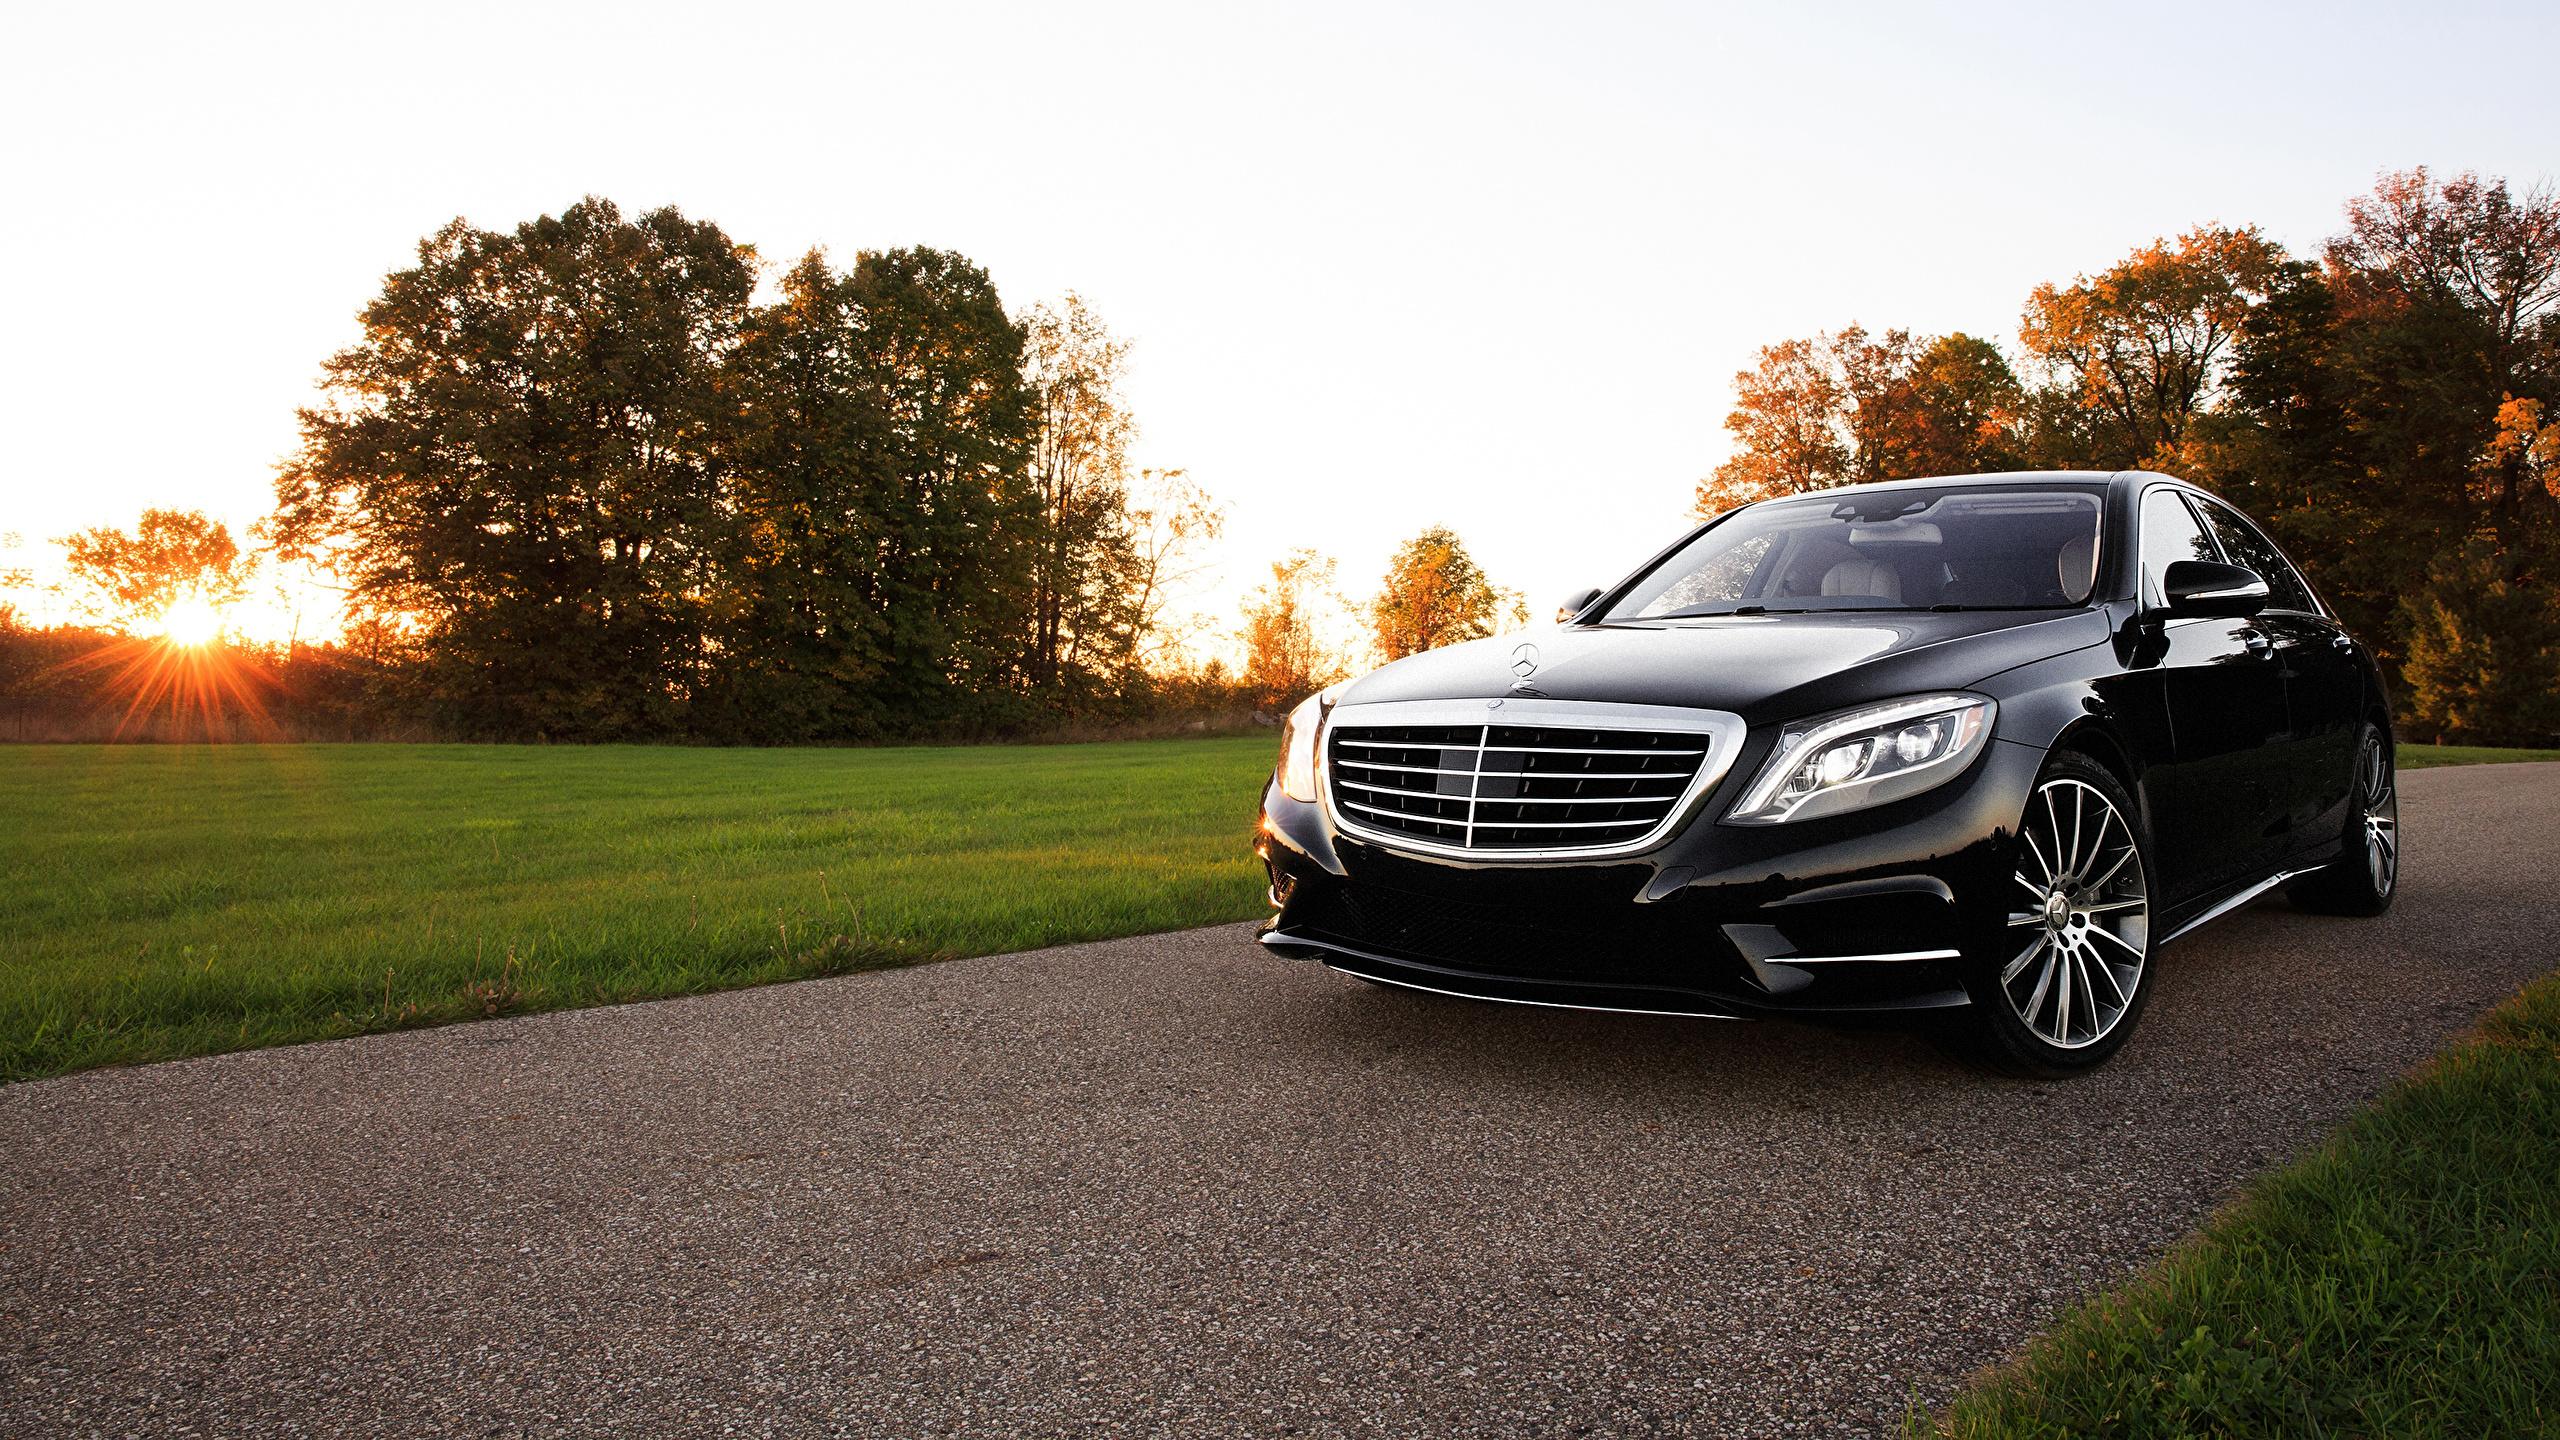 Fondos De Pantalla 2560x1440 Mercedes Benz W222 S Class